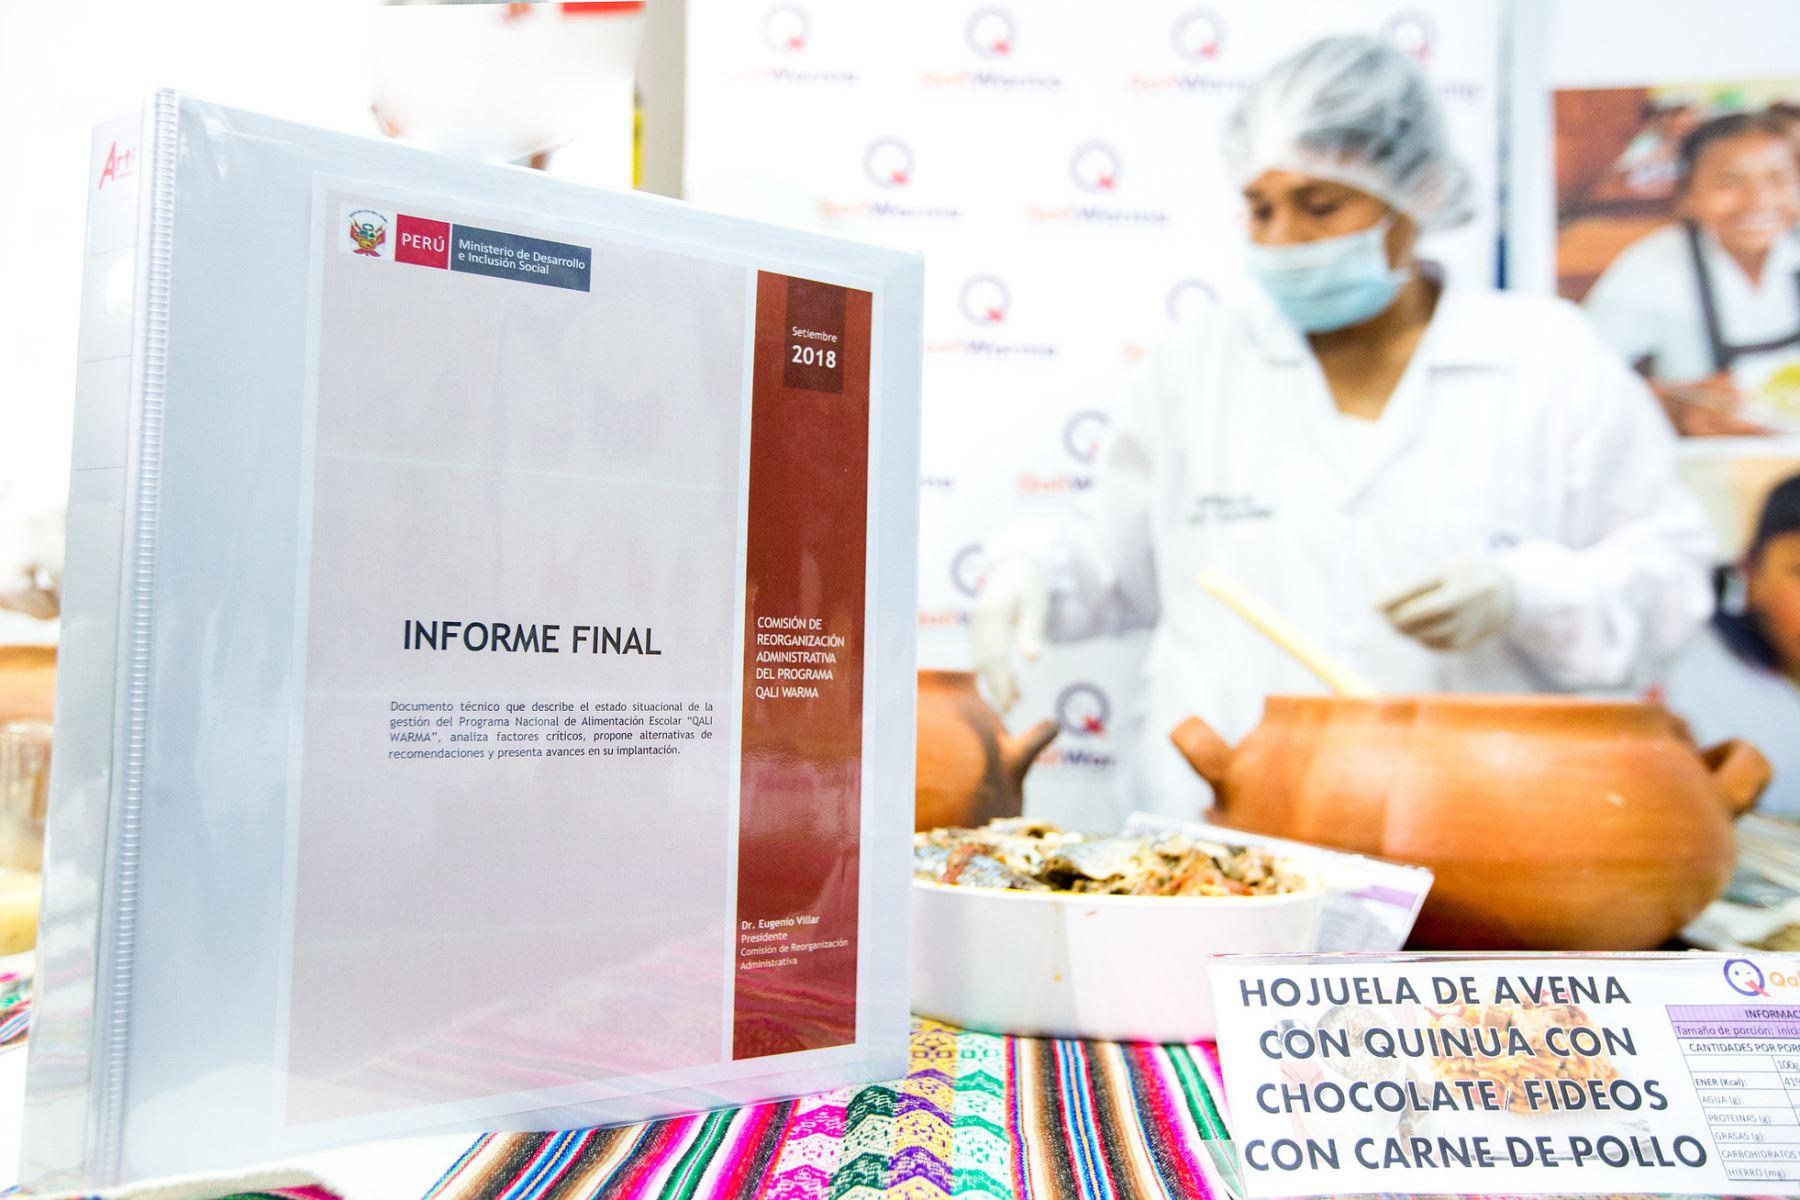 Qali Warma destinará S/ 1,500 millones para alimentación escolar en 2019. ANDINA/Difusión